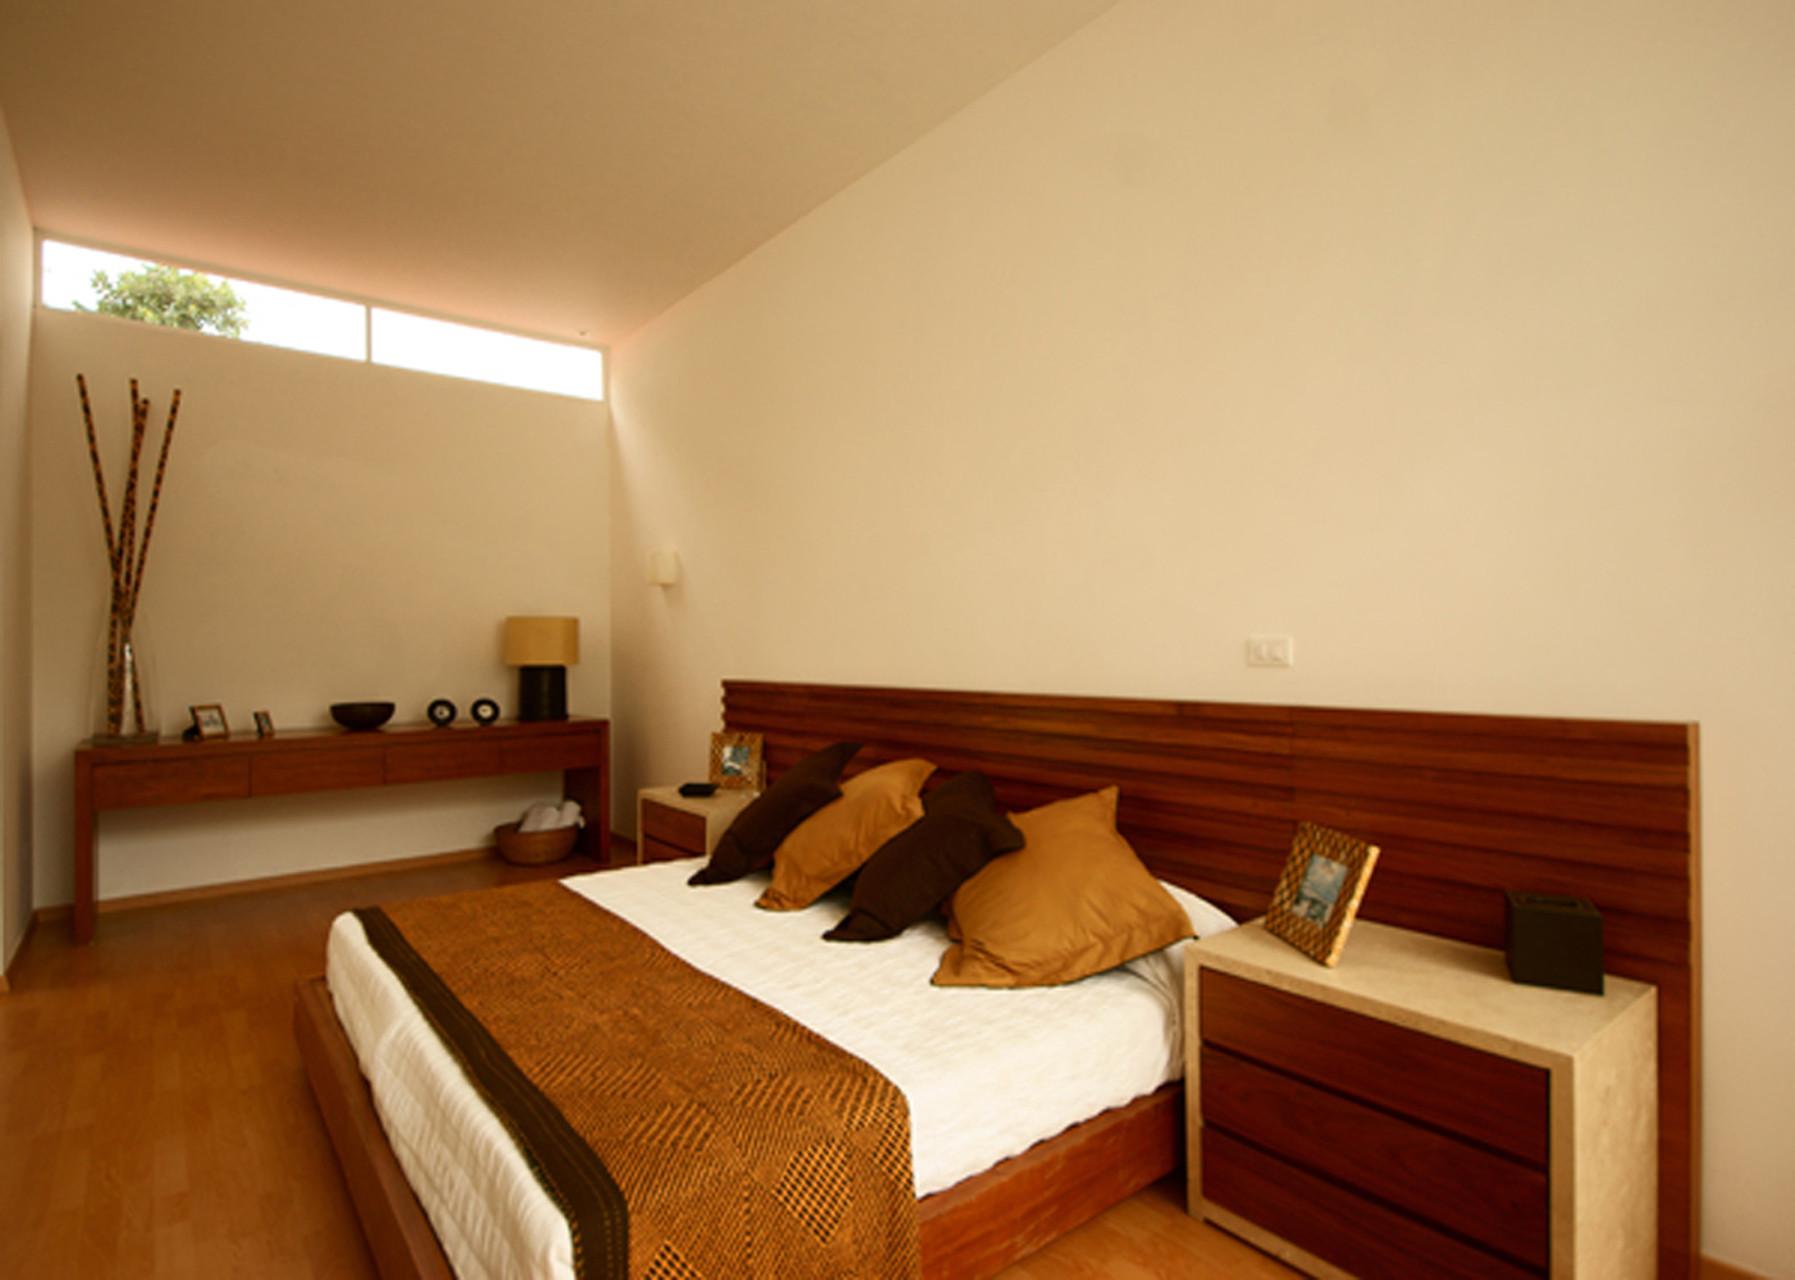 Galer a de proyecto san juan aflo arquitectos y for Latest bedroom designs 2012